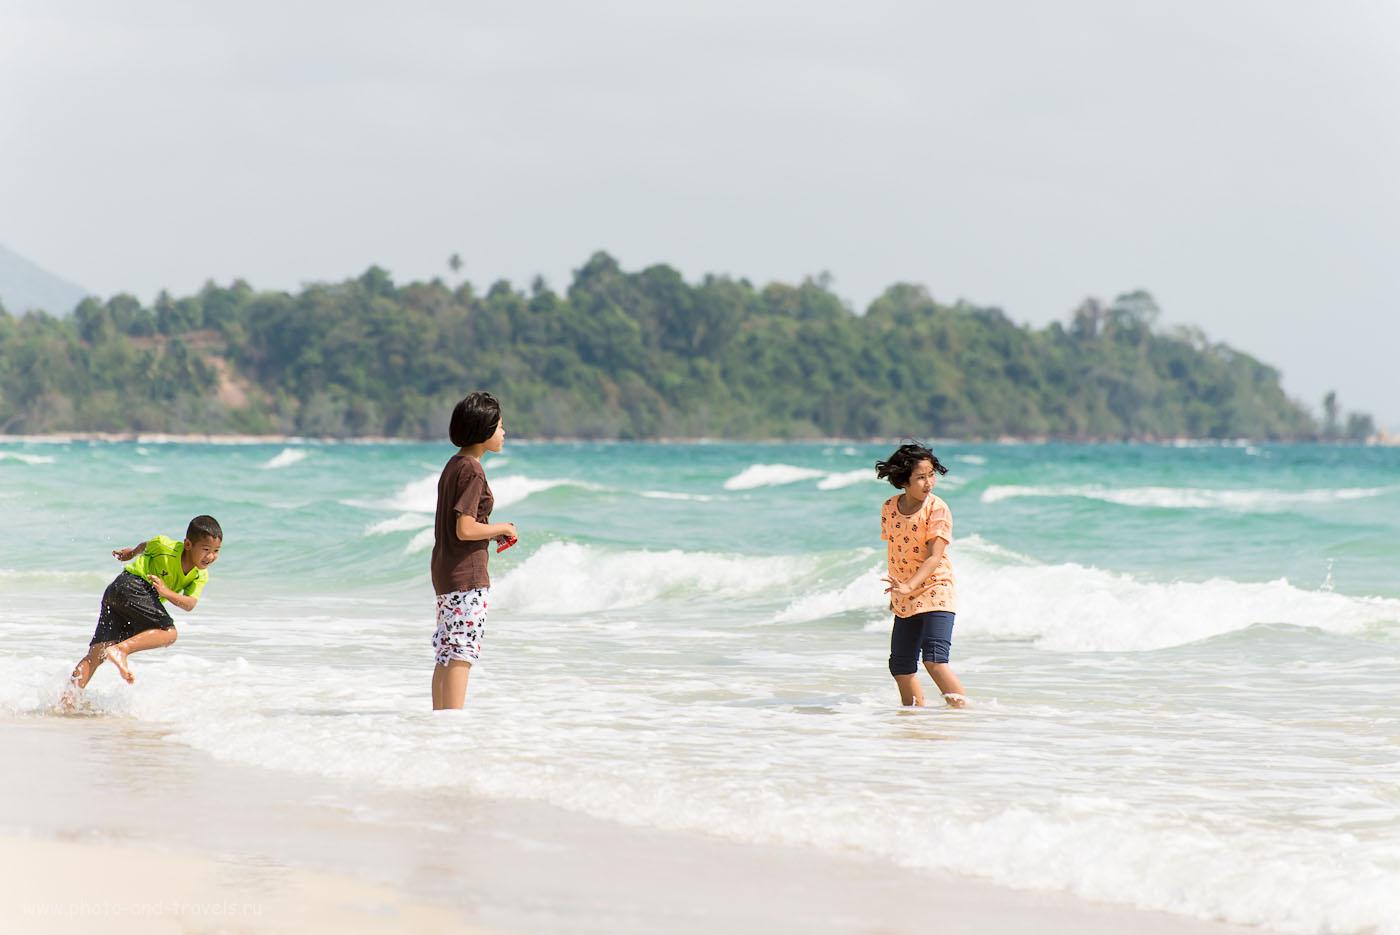 Фото 1. Отдых в Таиланде. Отзывы туристов о самостоятельном путешествии. На пляже Thung Wua Laen Beach (камера Nikon D610, объектив Nikkor 70-300, параметры съемки: ИСО 100, фокусное расстояние 210, дифарагма f/5.6, выдержка 1/500)